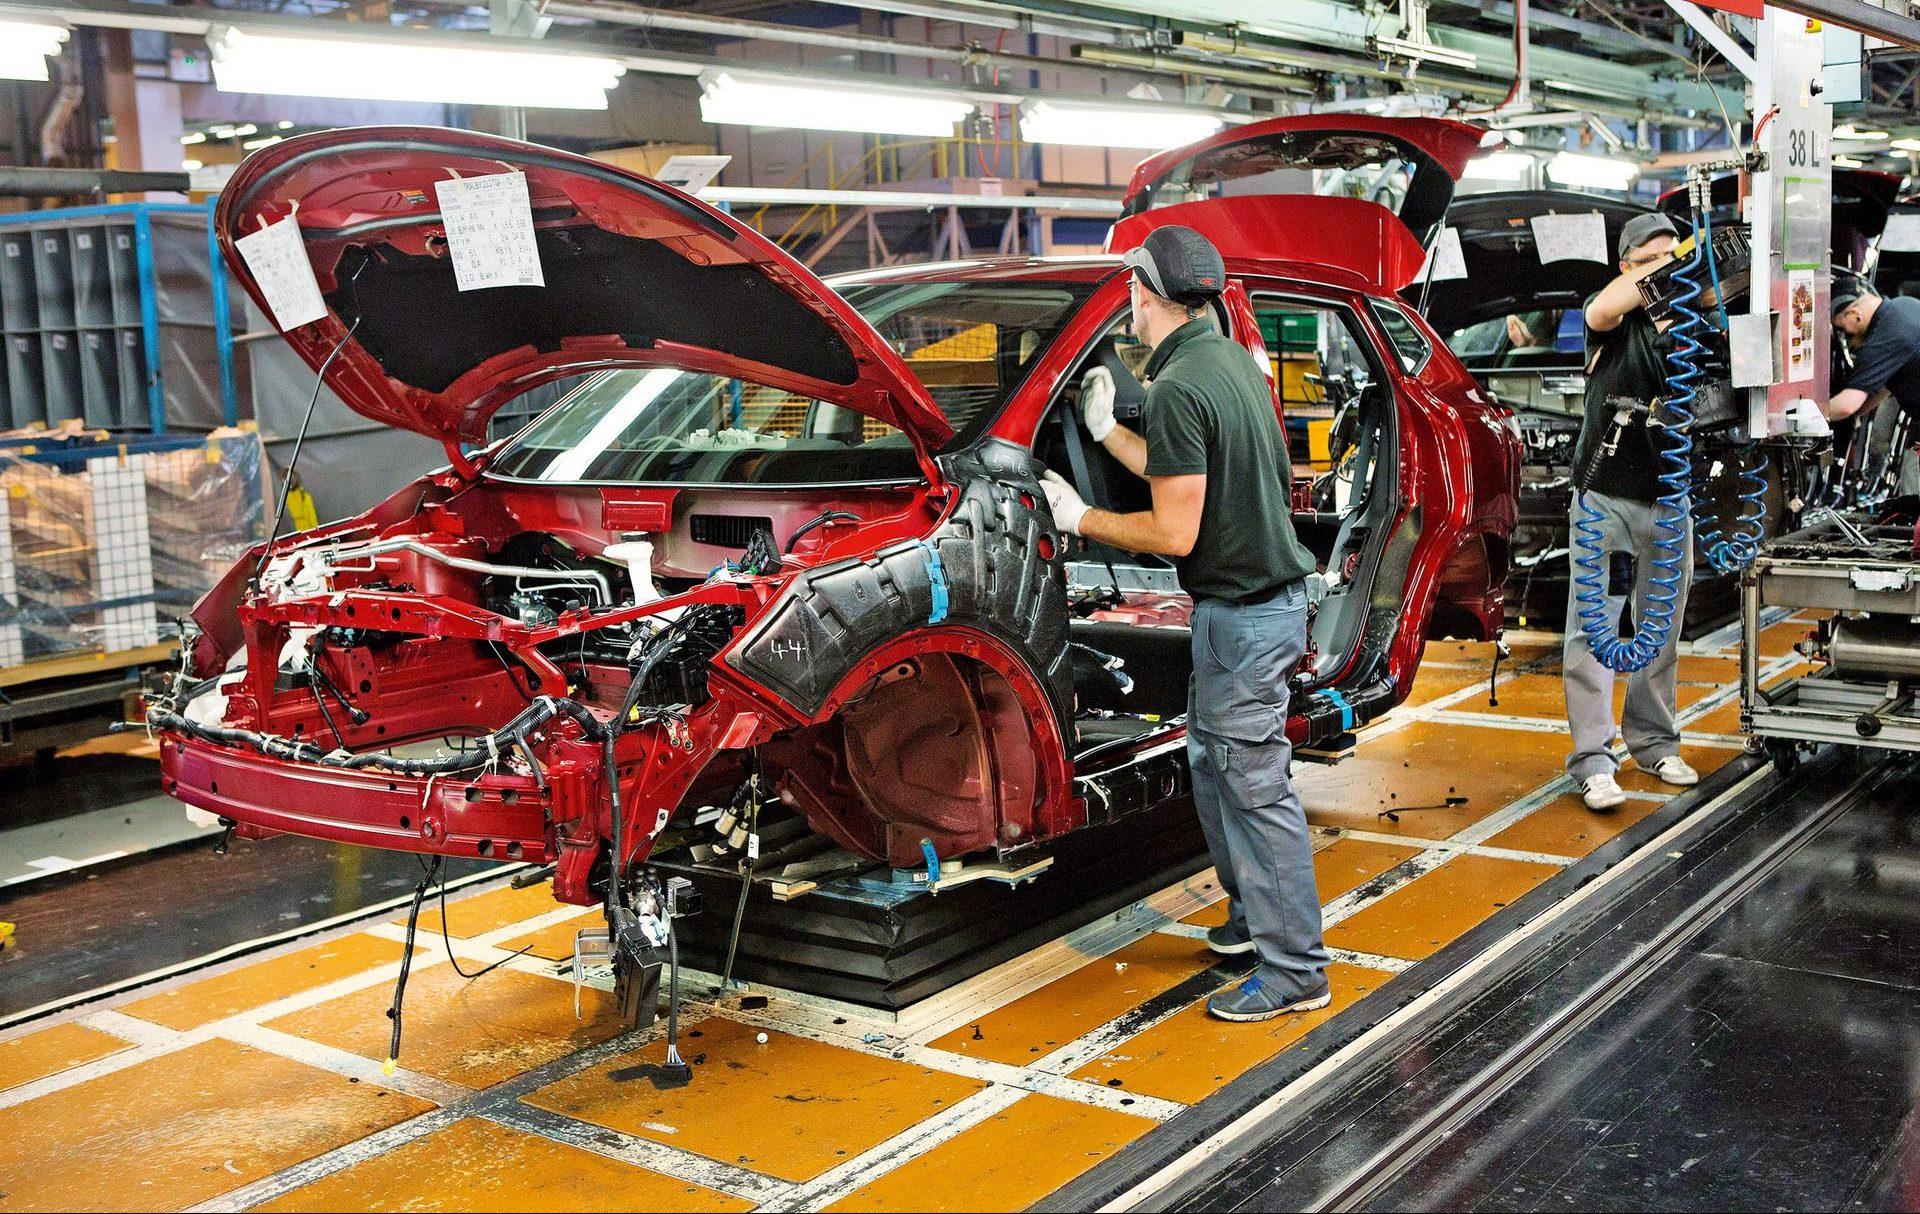 Προκλήσεις για τη βρετανική αυτοκινητοβιομηχανία παρά την εμπορική συμφωνία ΕΕ-ΗΒ